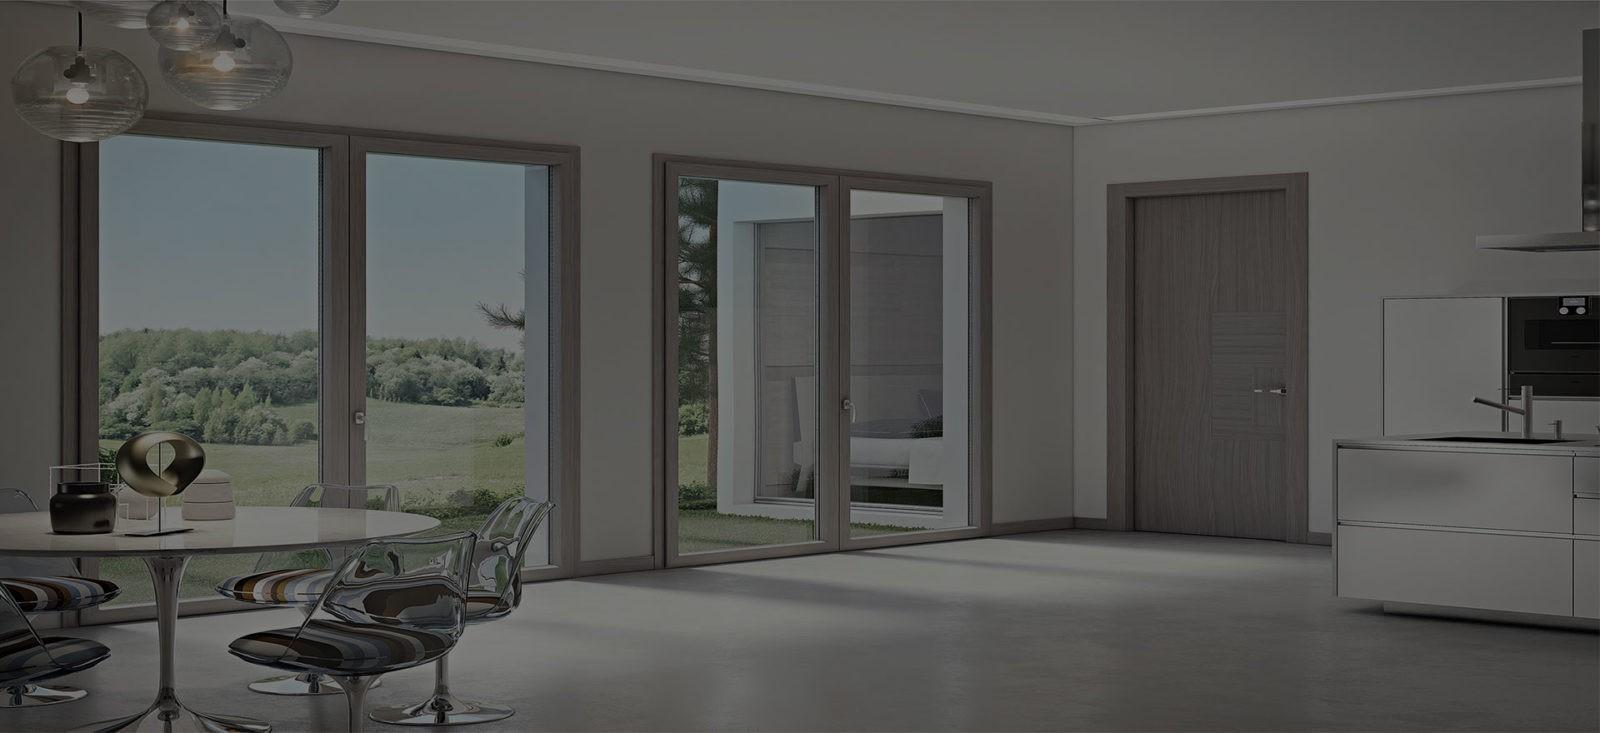 Окна пвх и балконные рамы из алюминия купить в Минске